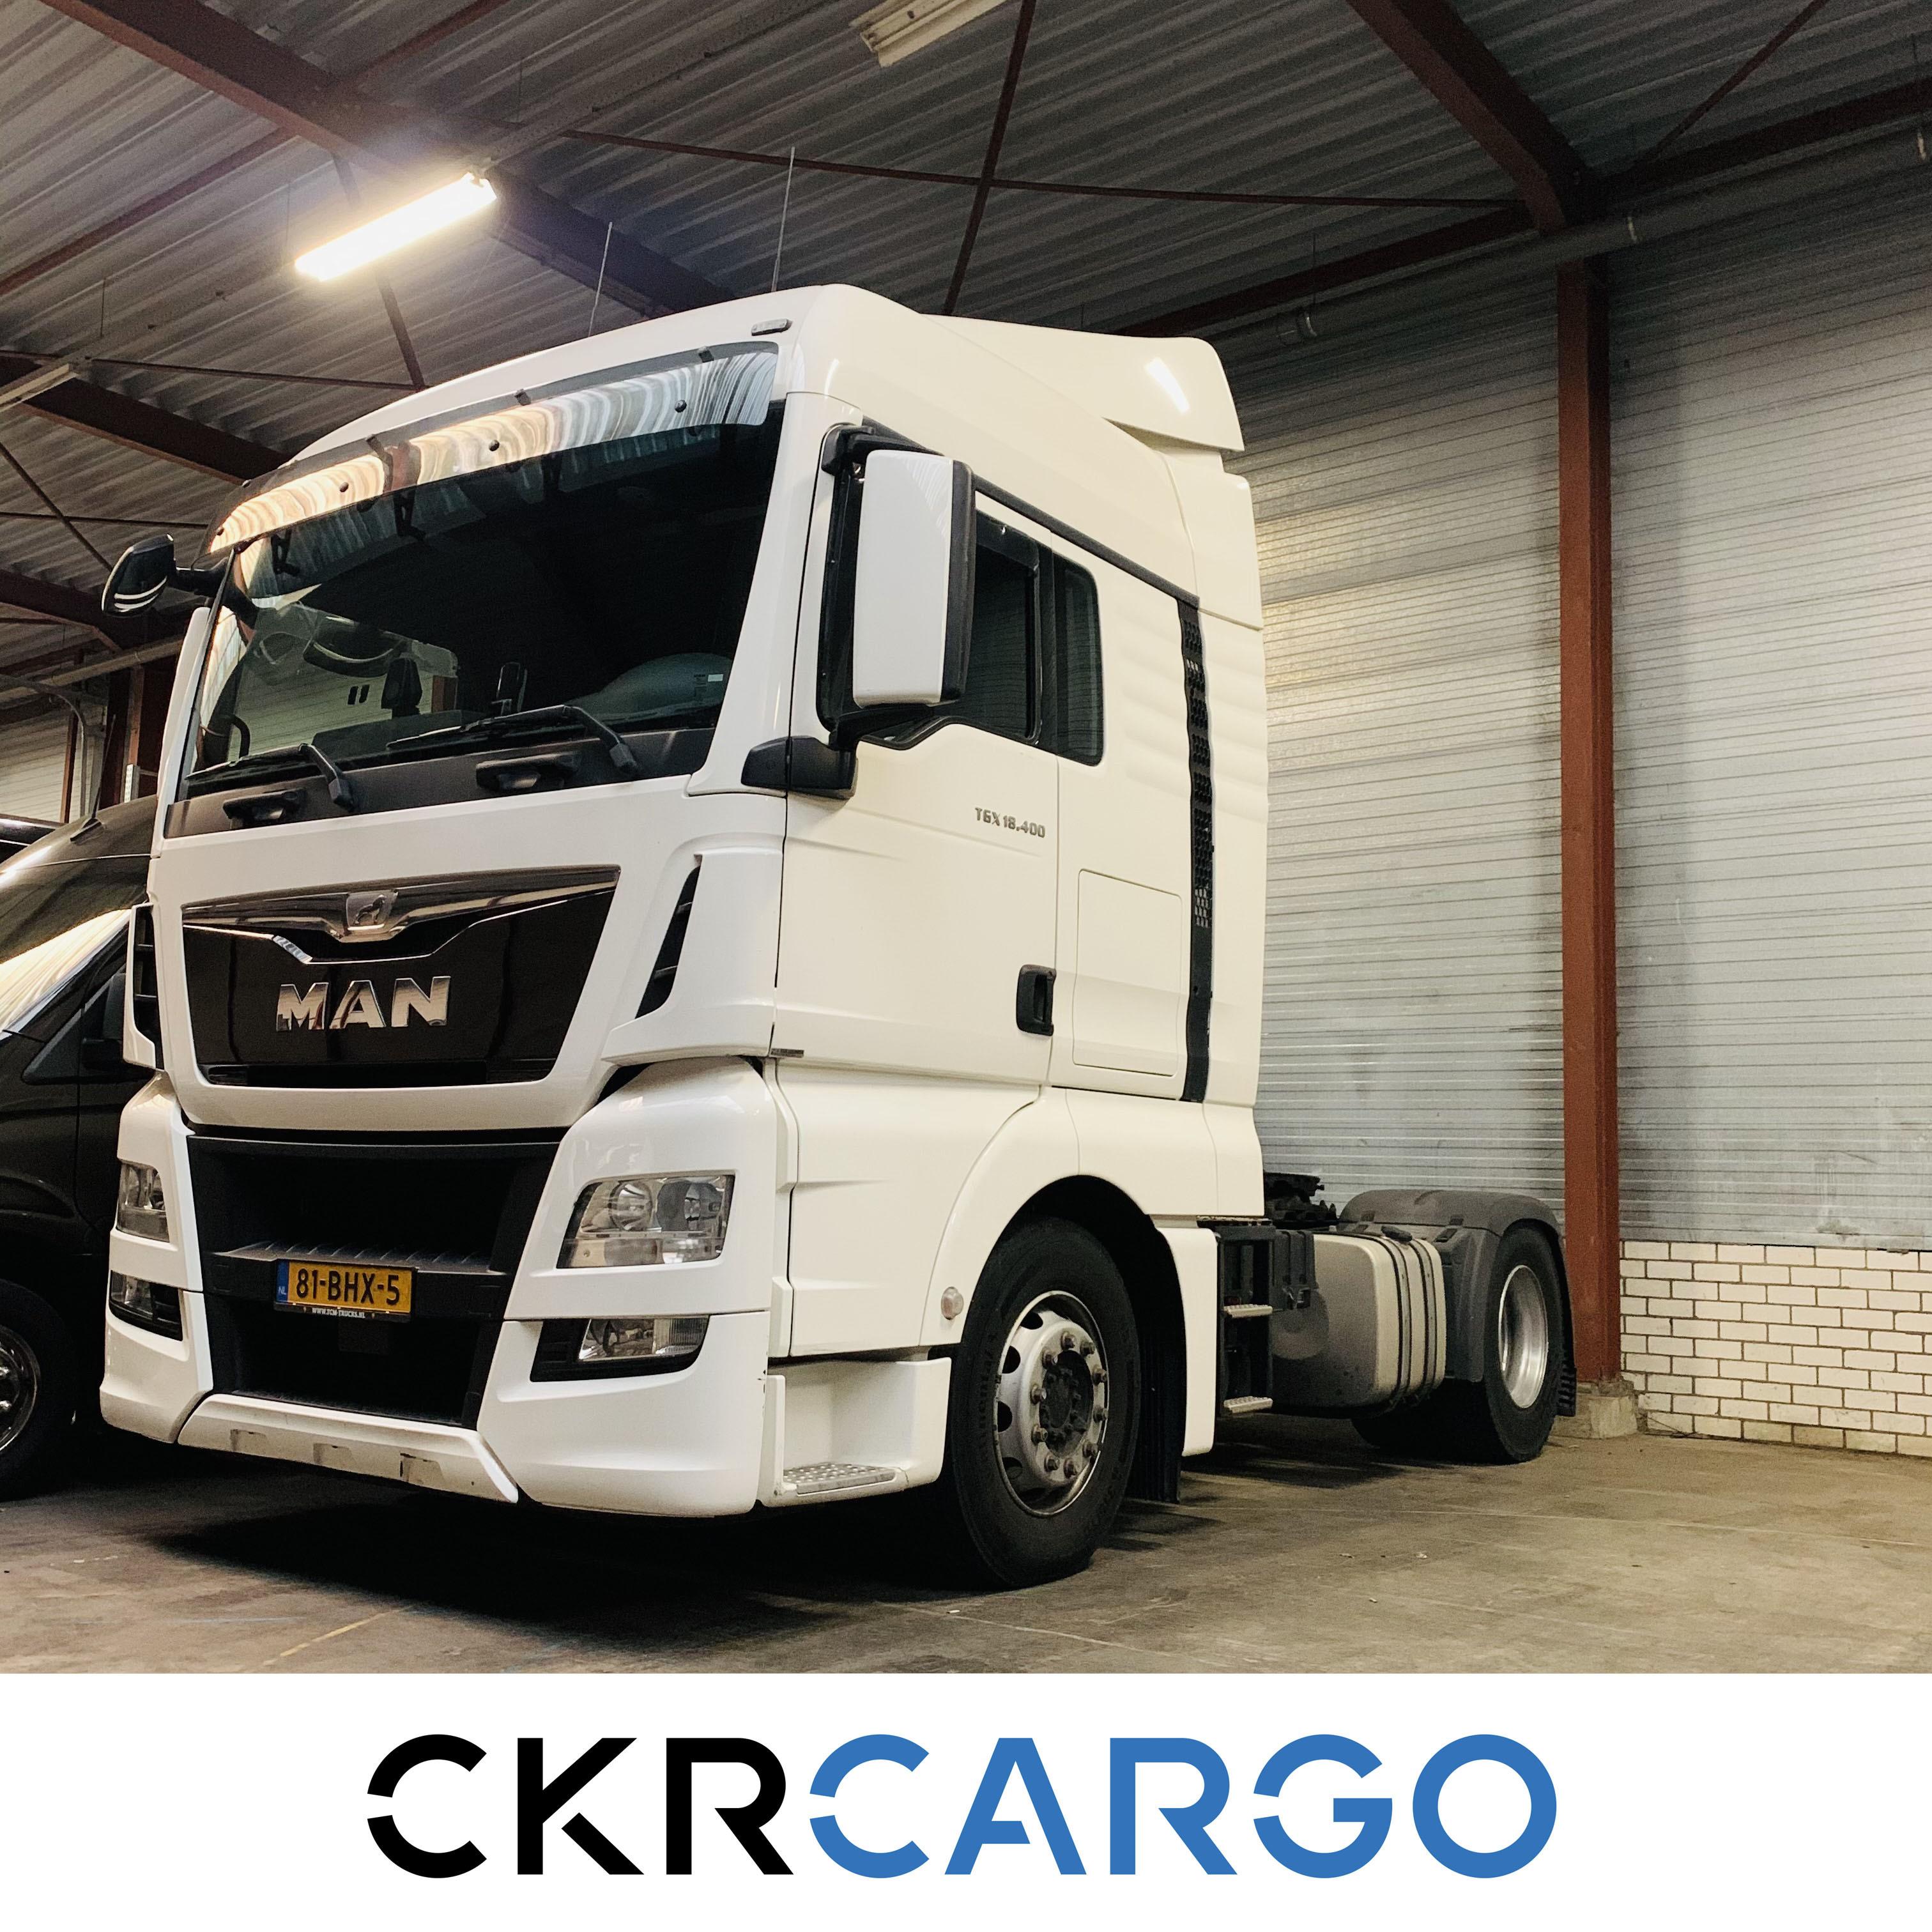 CKR Cargo zoekt opdrachtgevers voor samenwerking